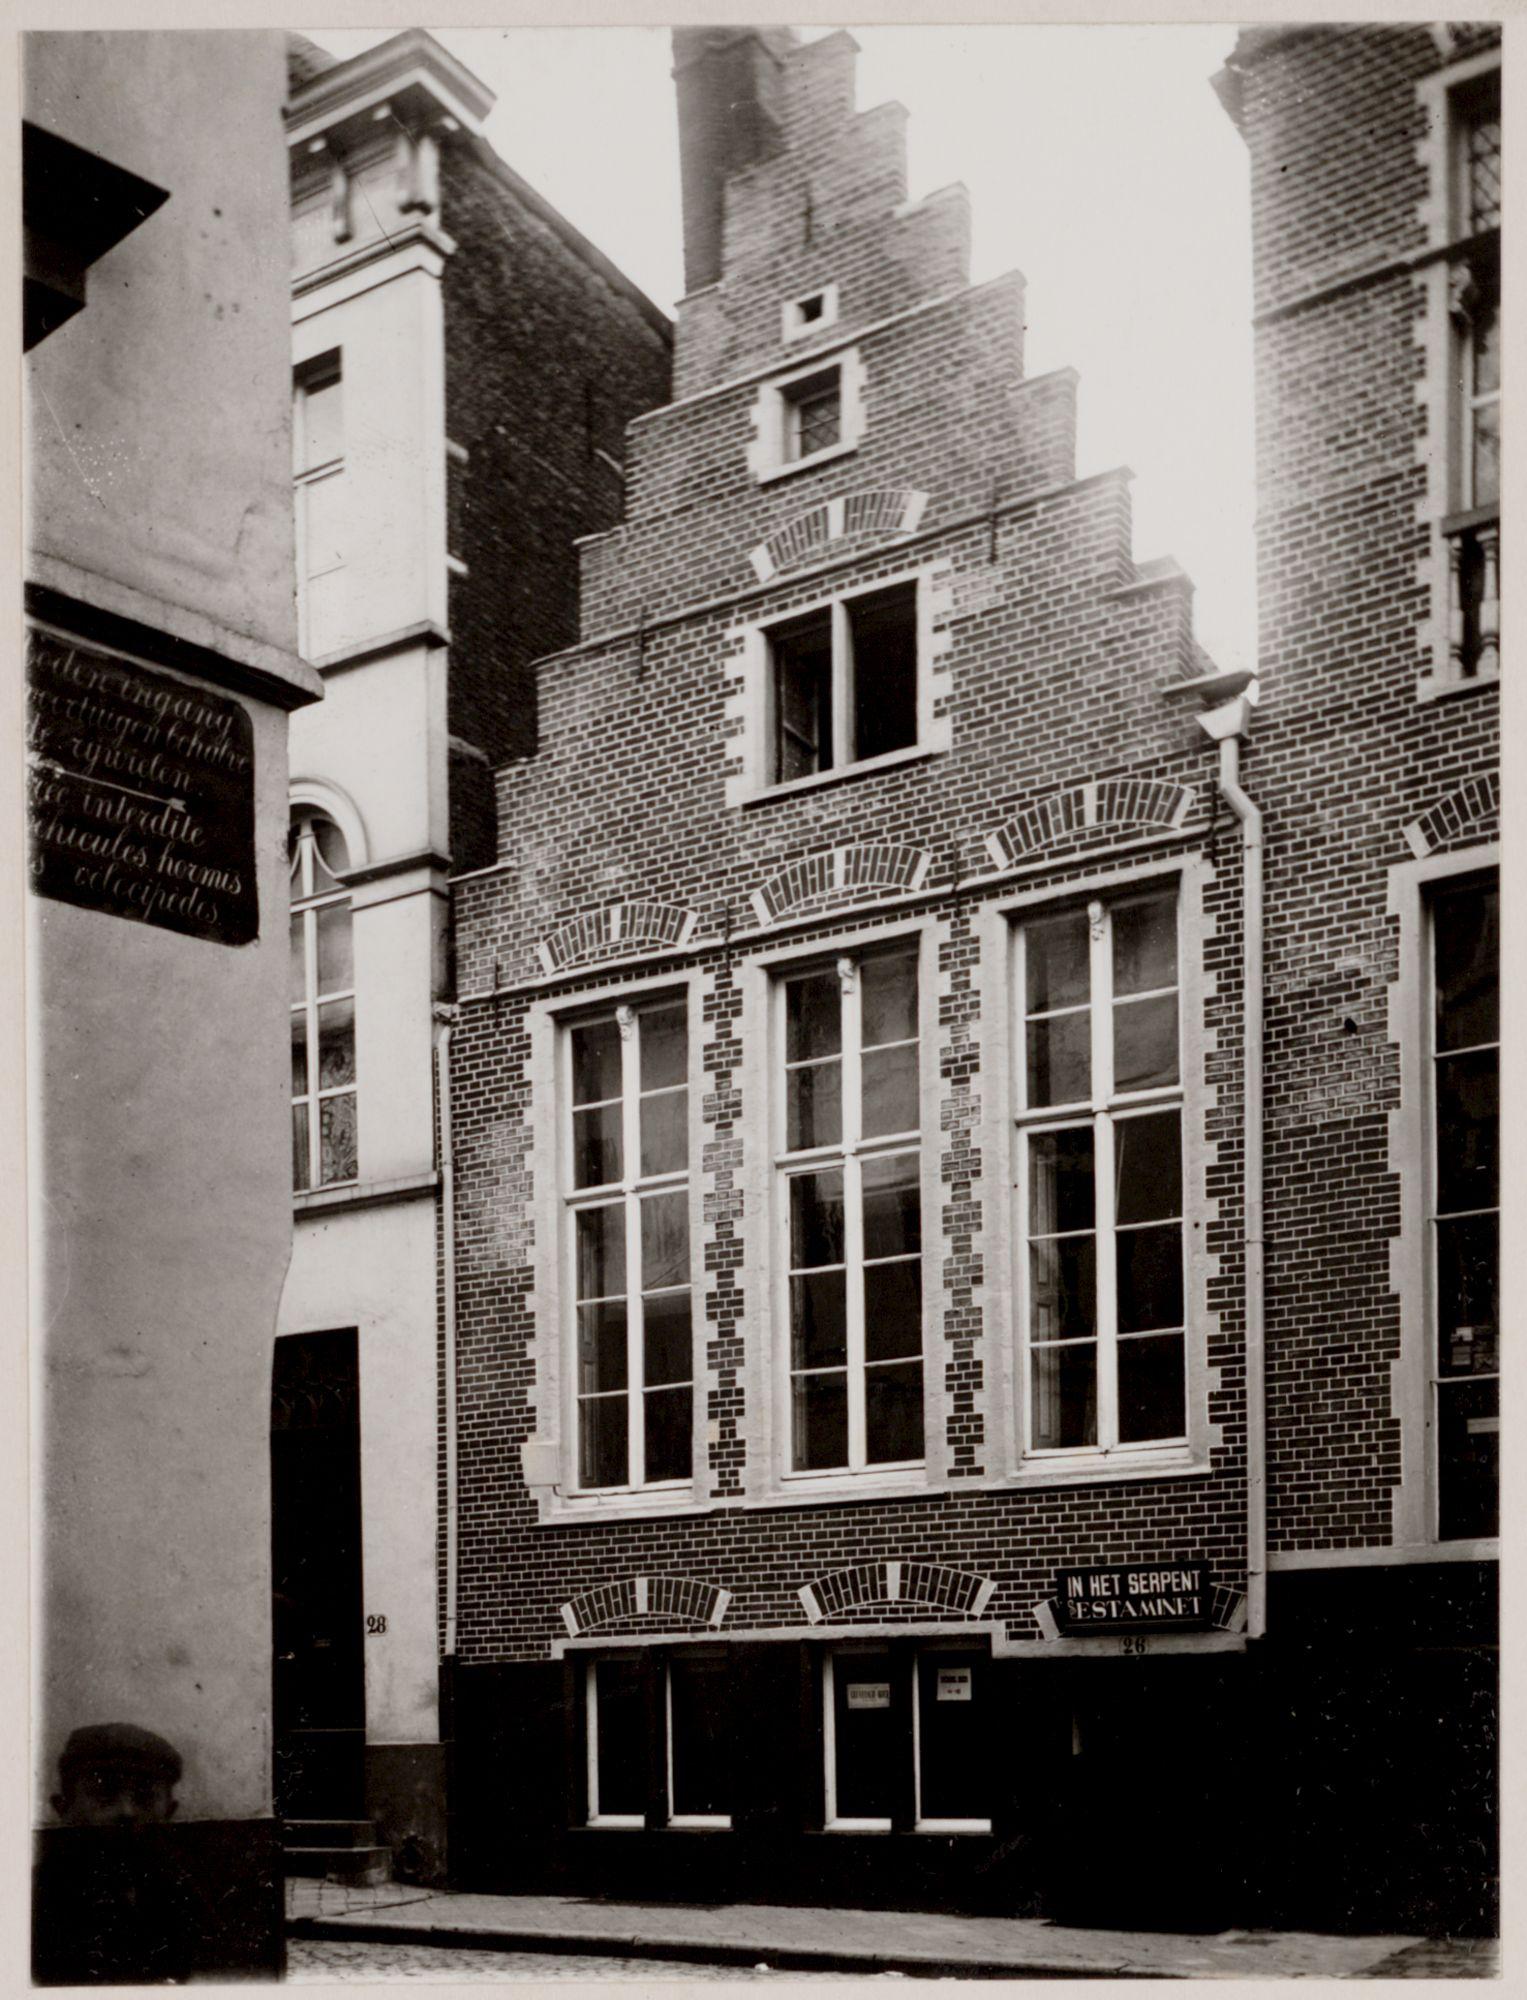 Gent: Estaminet In het Serpent, Onderstraat